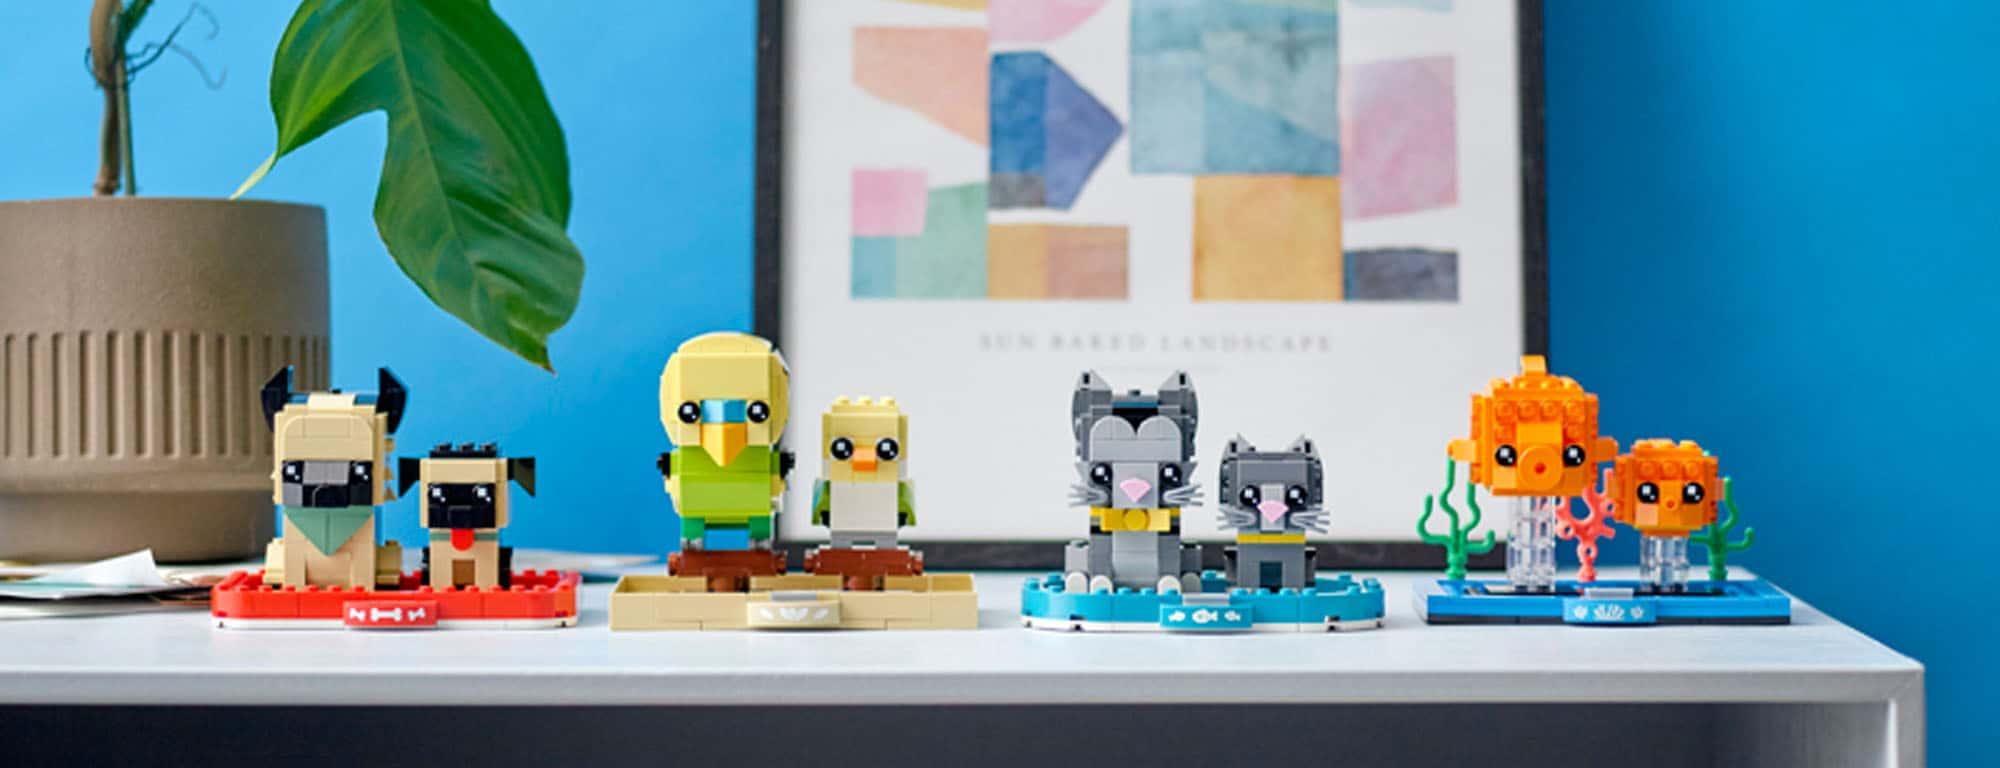 LEGO Brickheadz Pets 2021 März Alle Banner